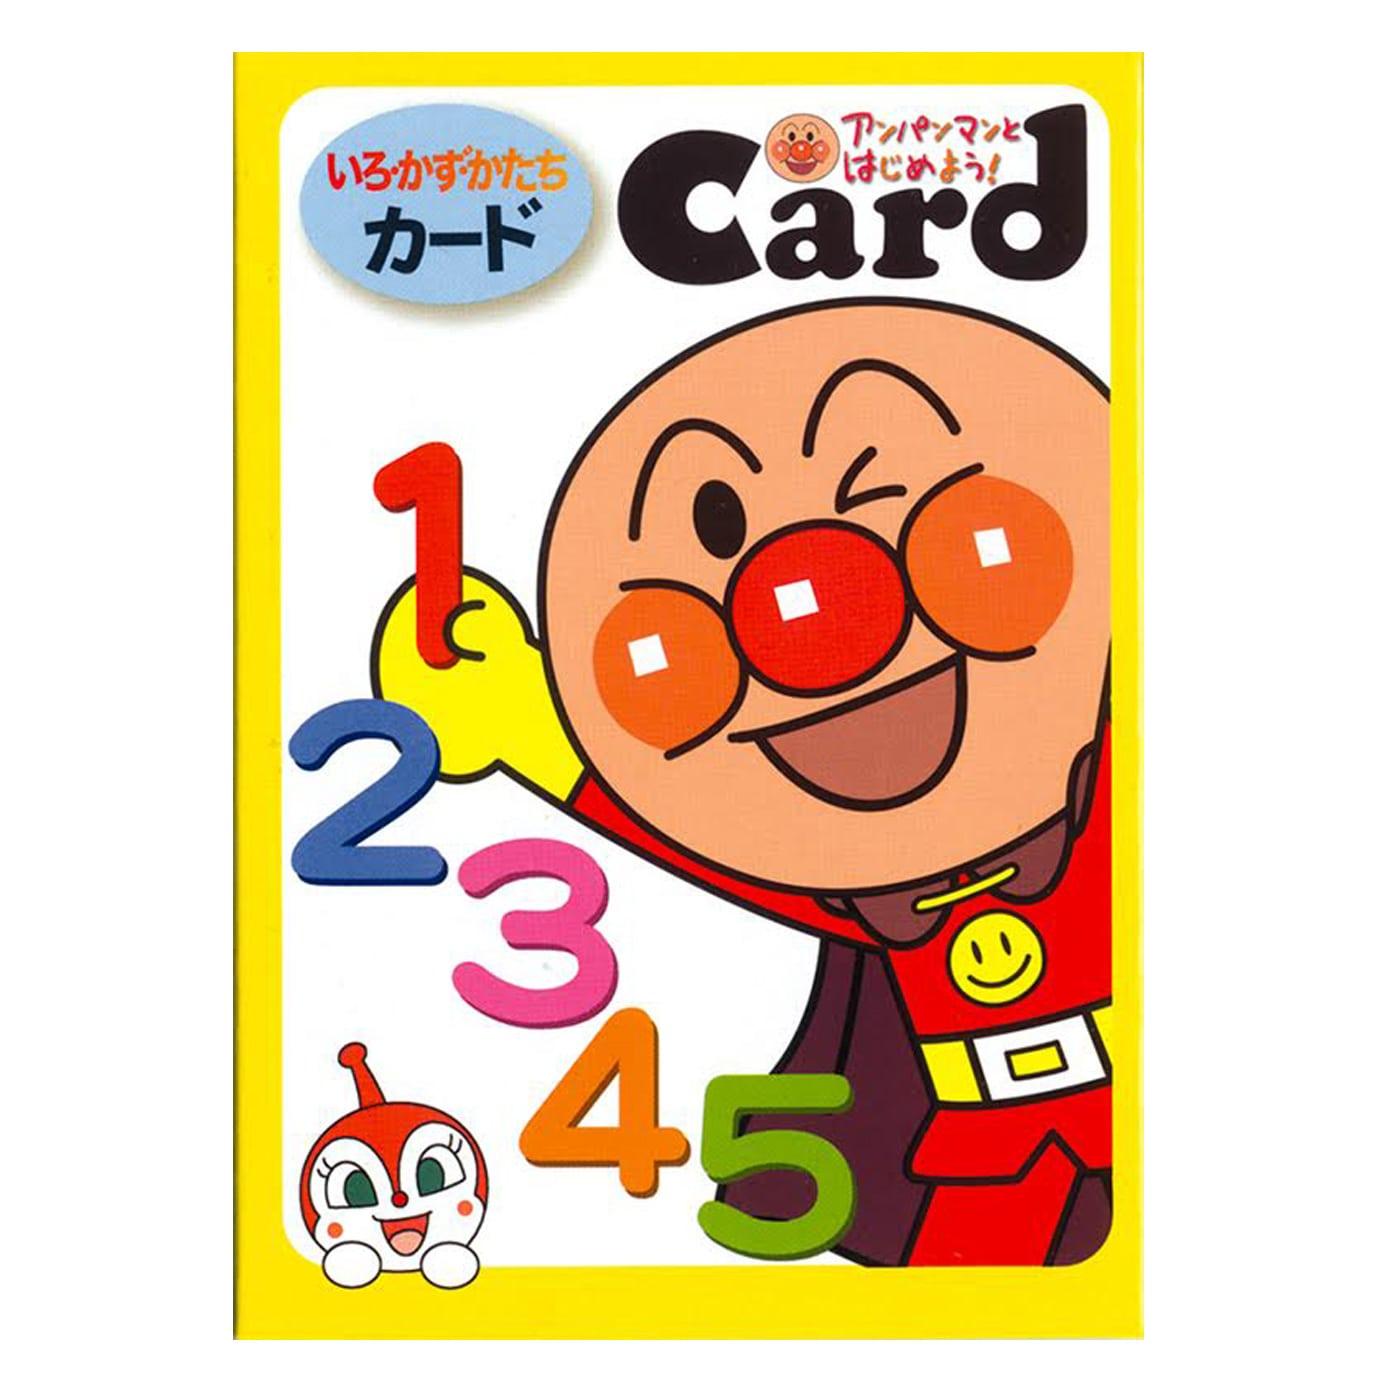 [東京都]アンパンマンとはじめよう「いろ・かず・かたちカード」<:V04905999028:>